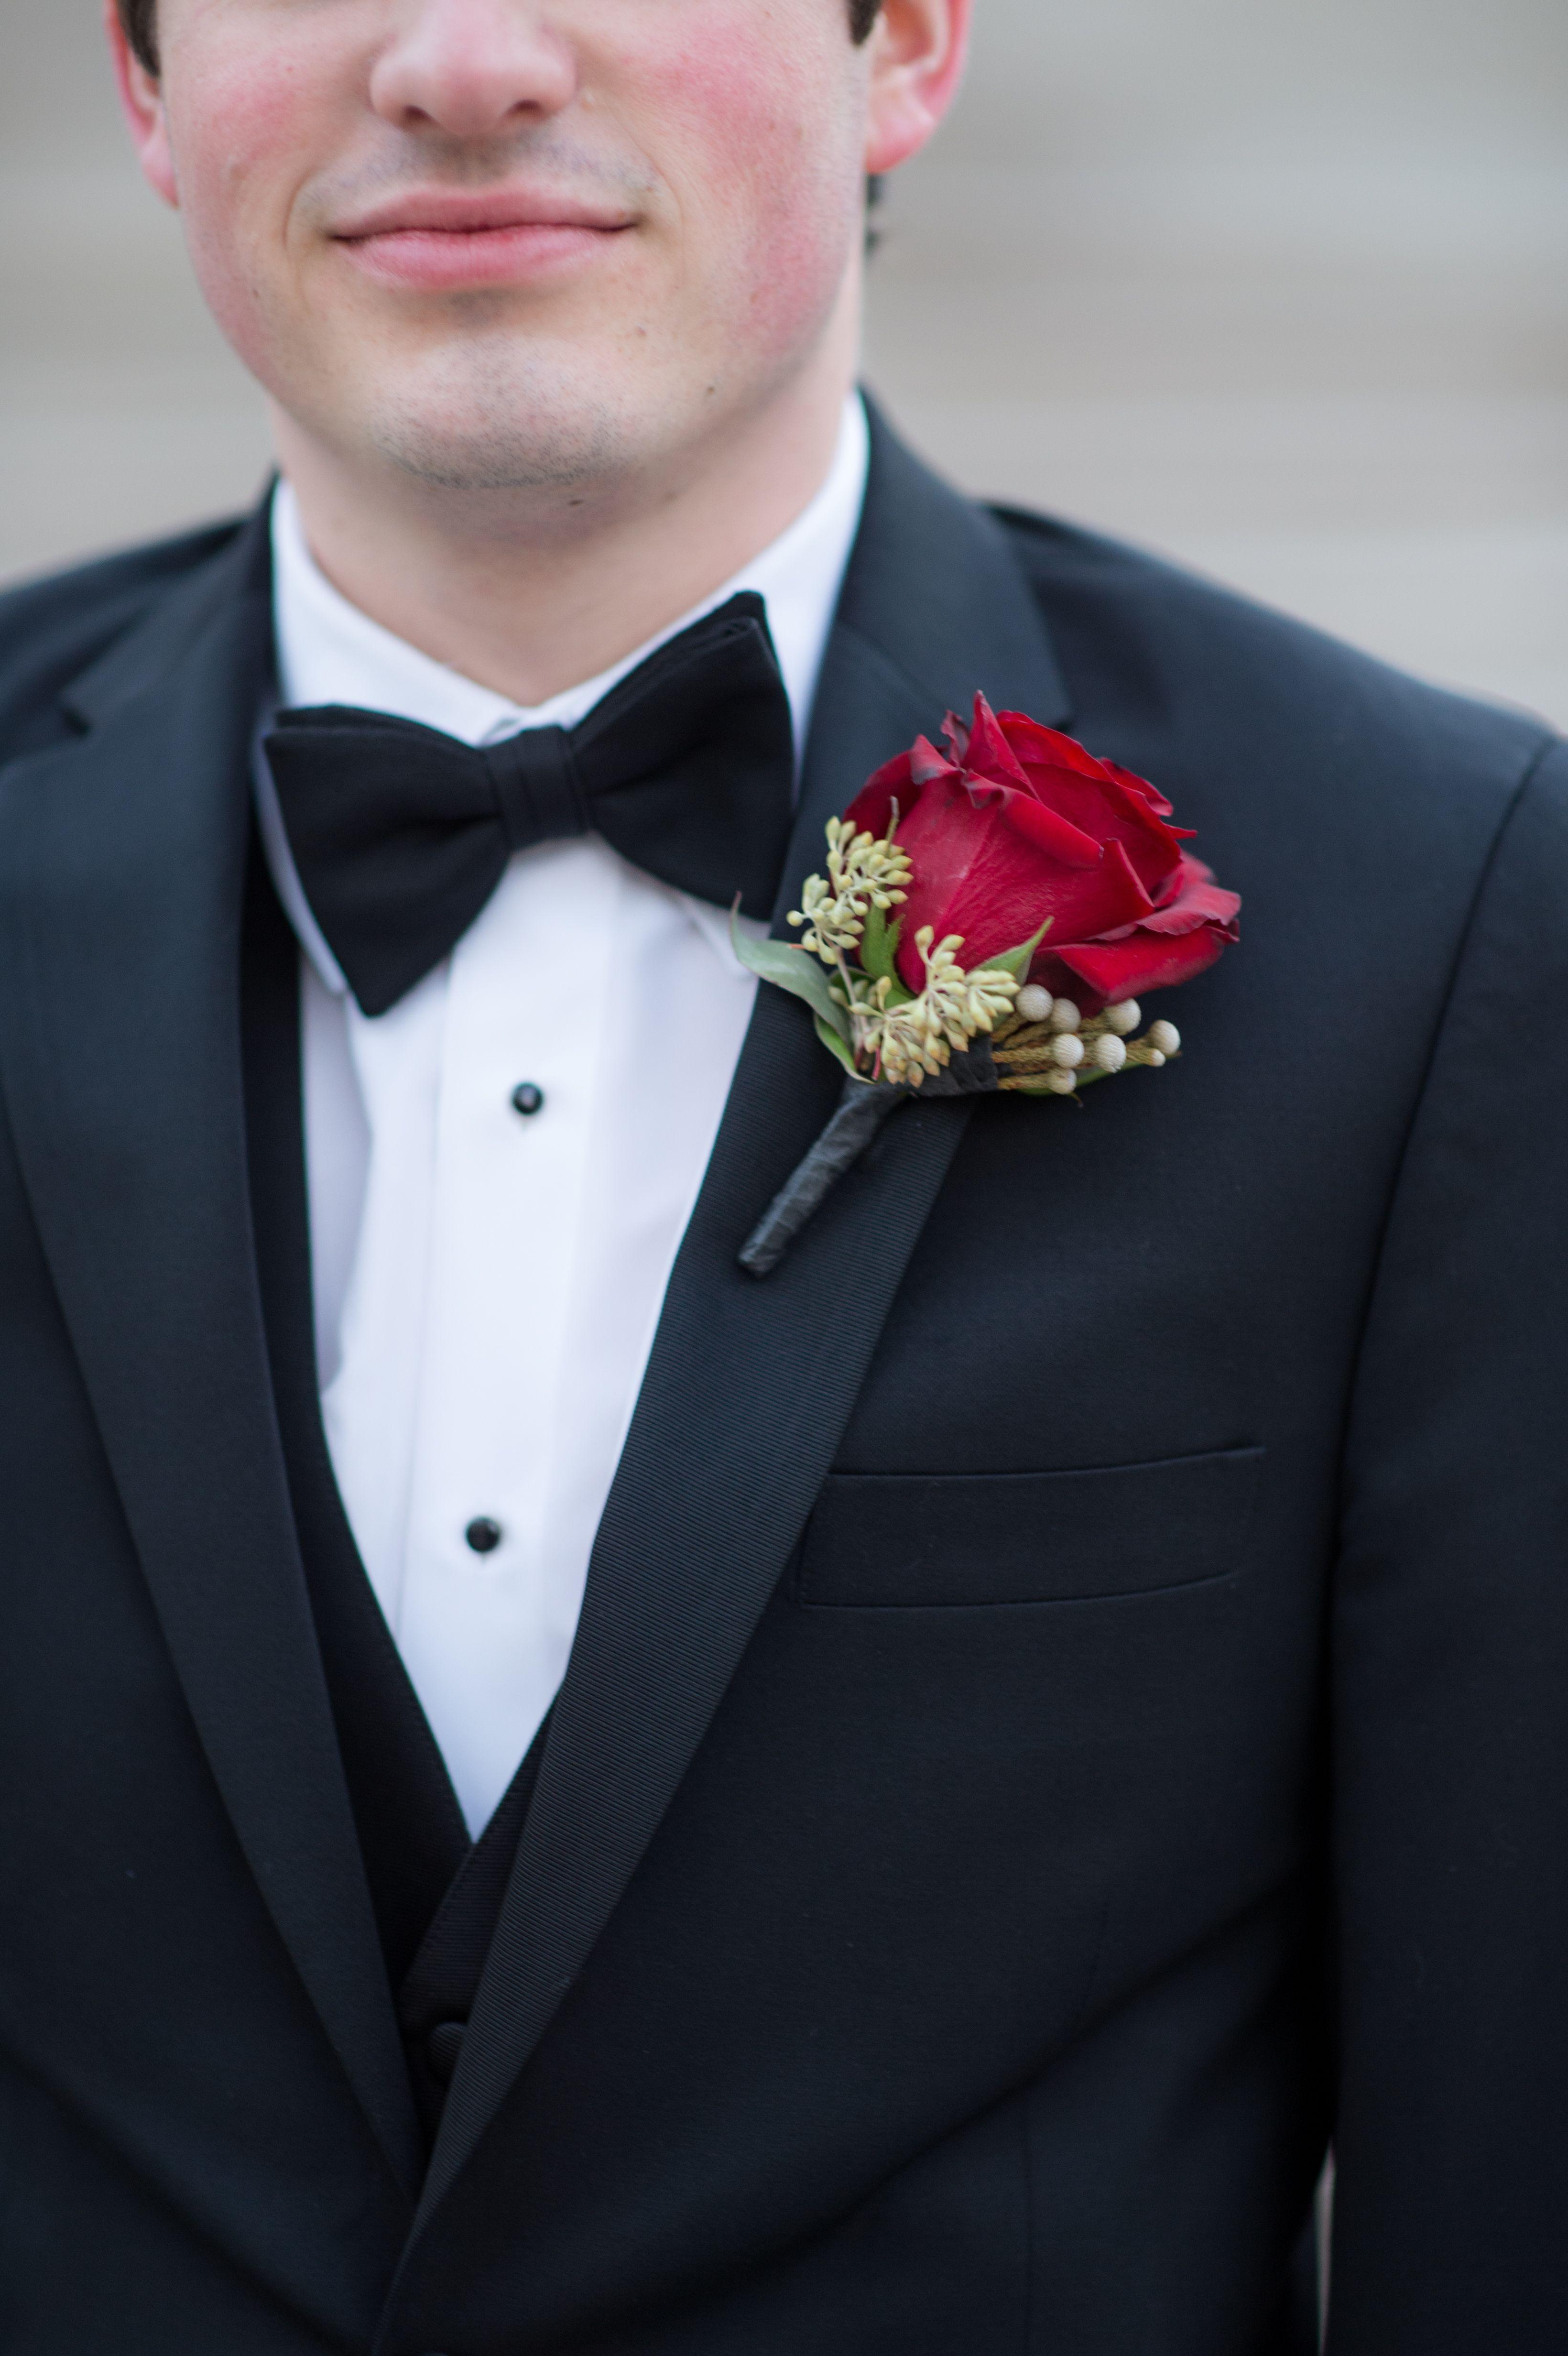 Abby mark plum u poppy weddings molly connor photograpy